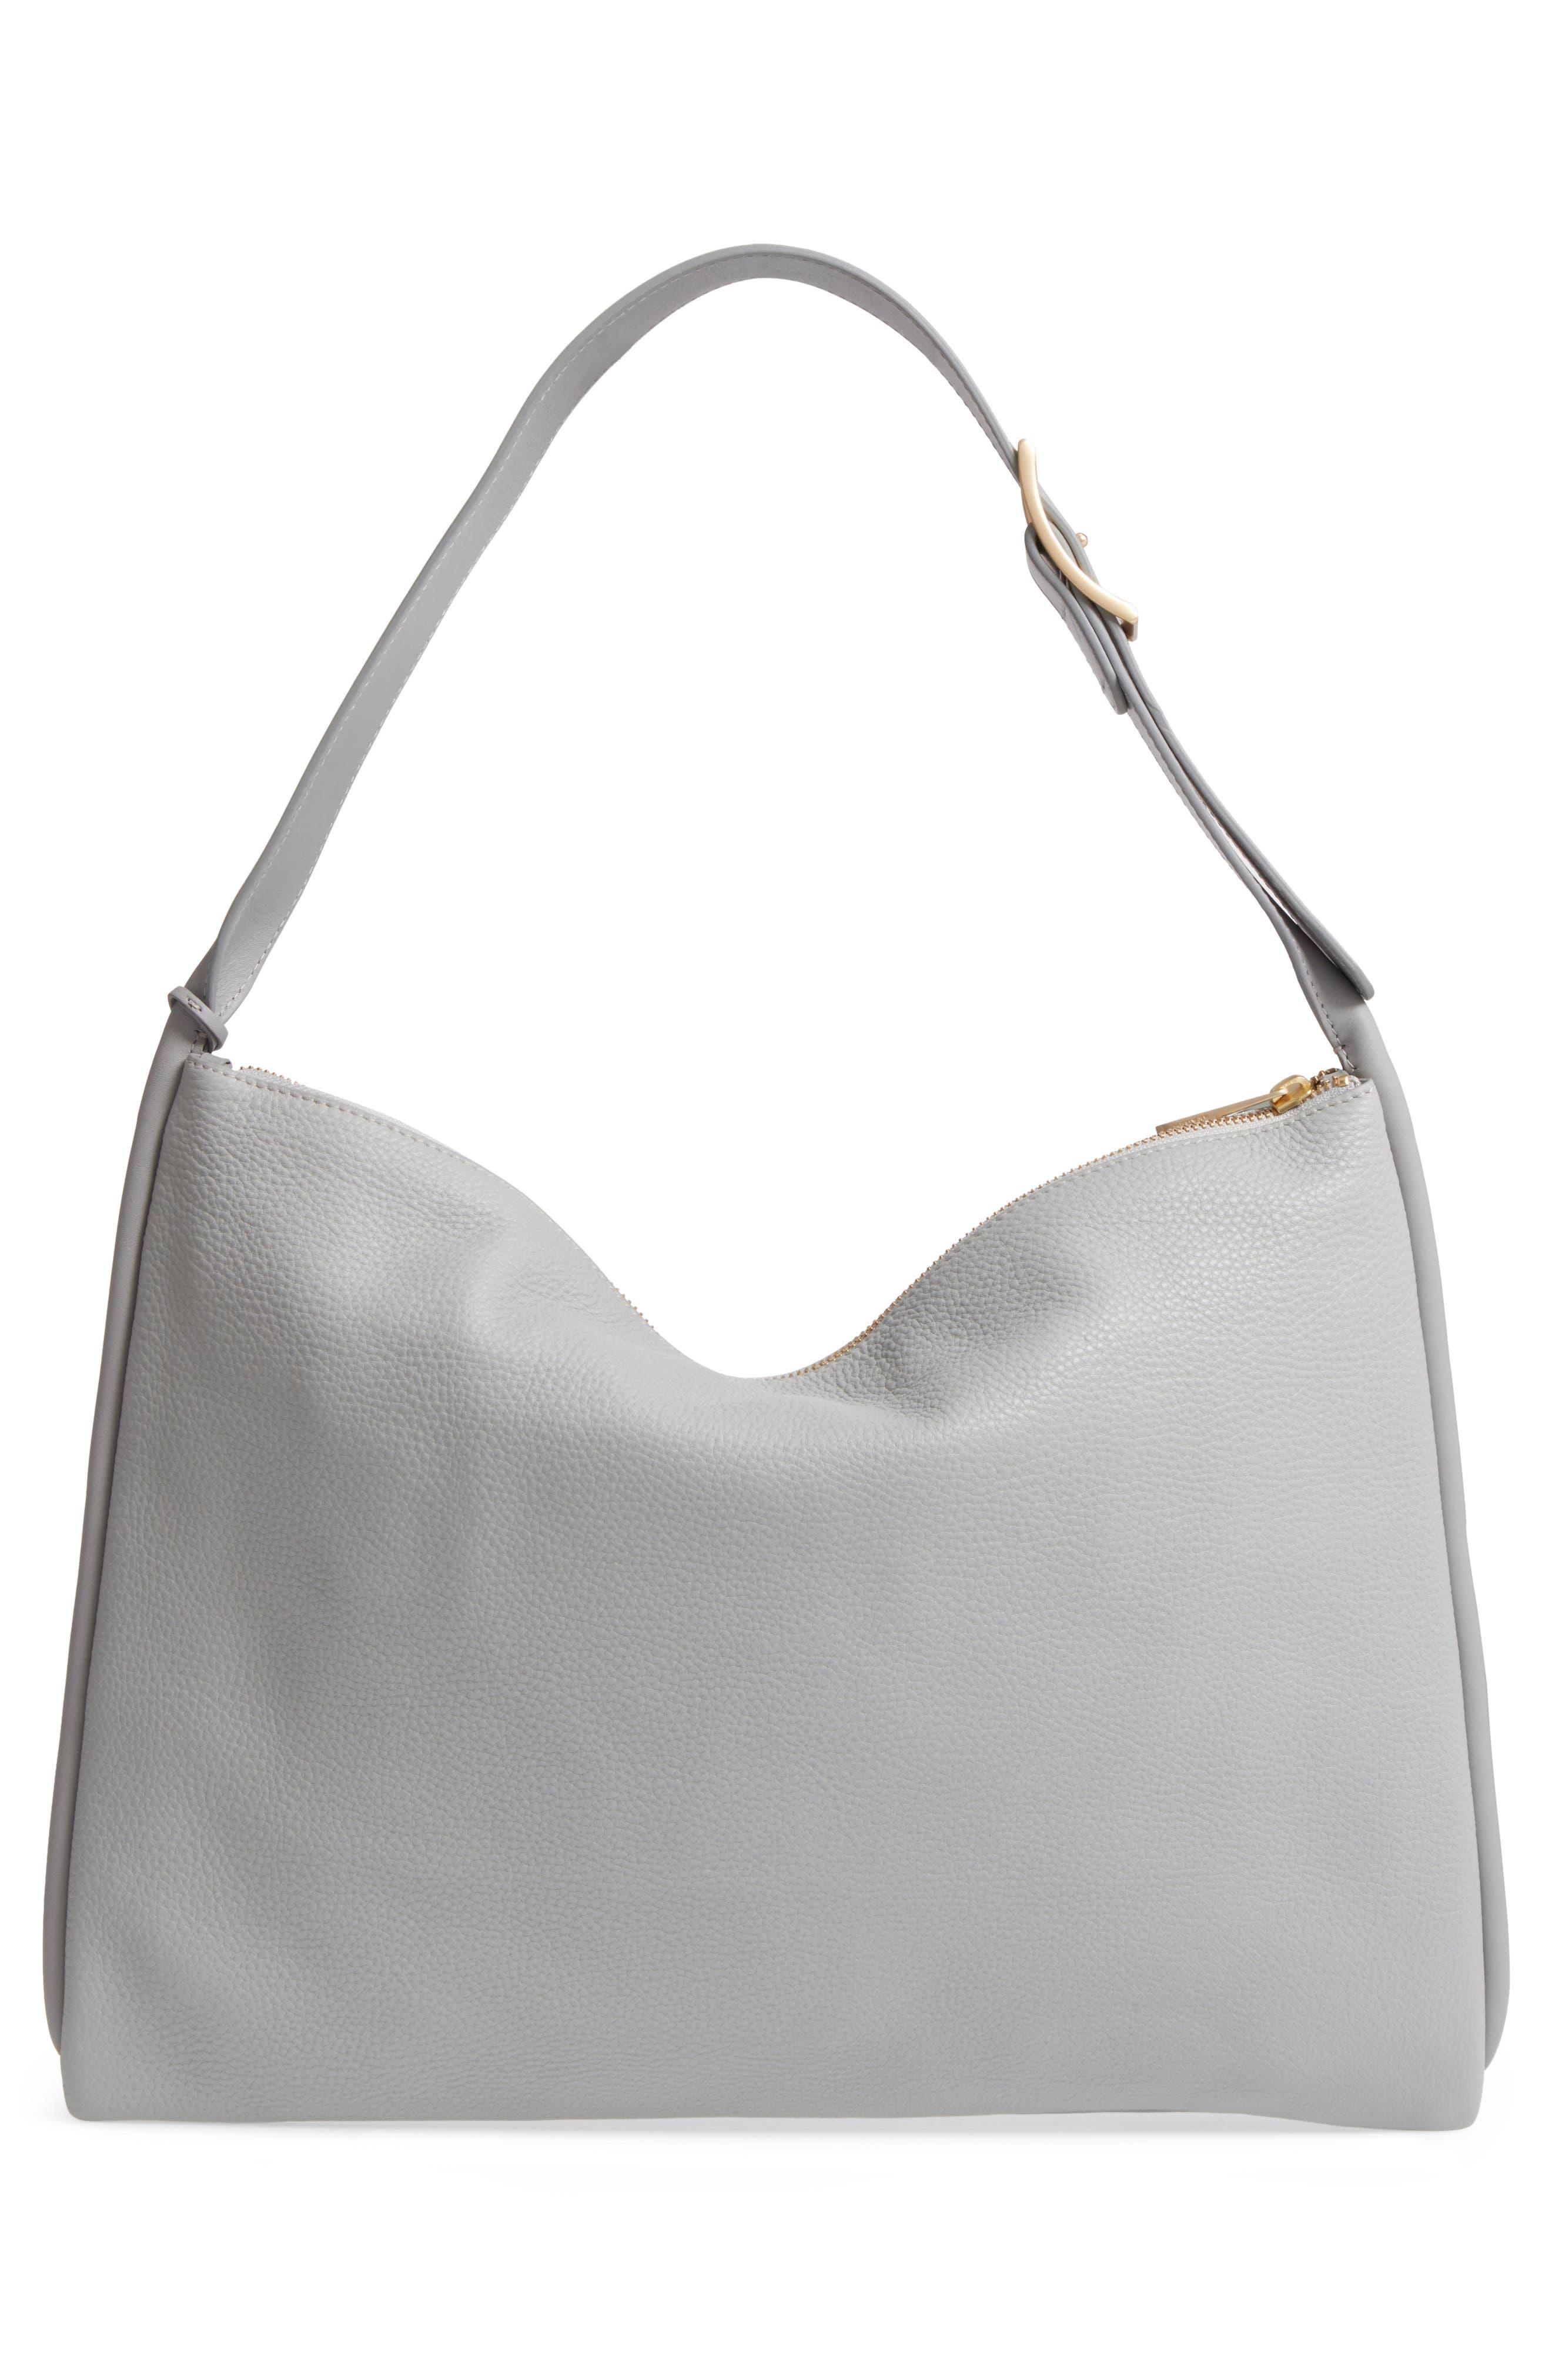 Anesa Leather Shoulder Bag,                             Alternate thumbnail 2, color,                             Light Ash